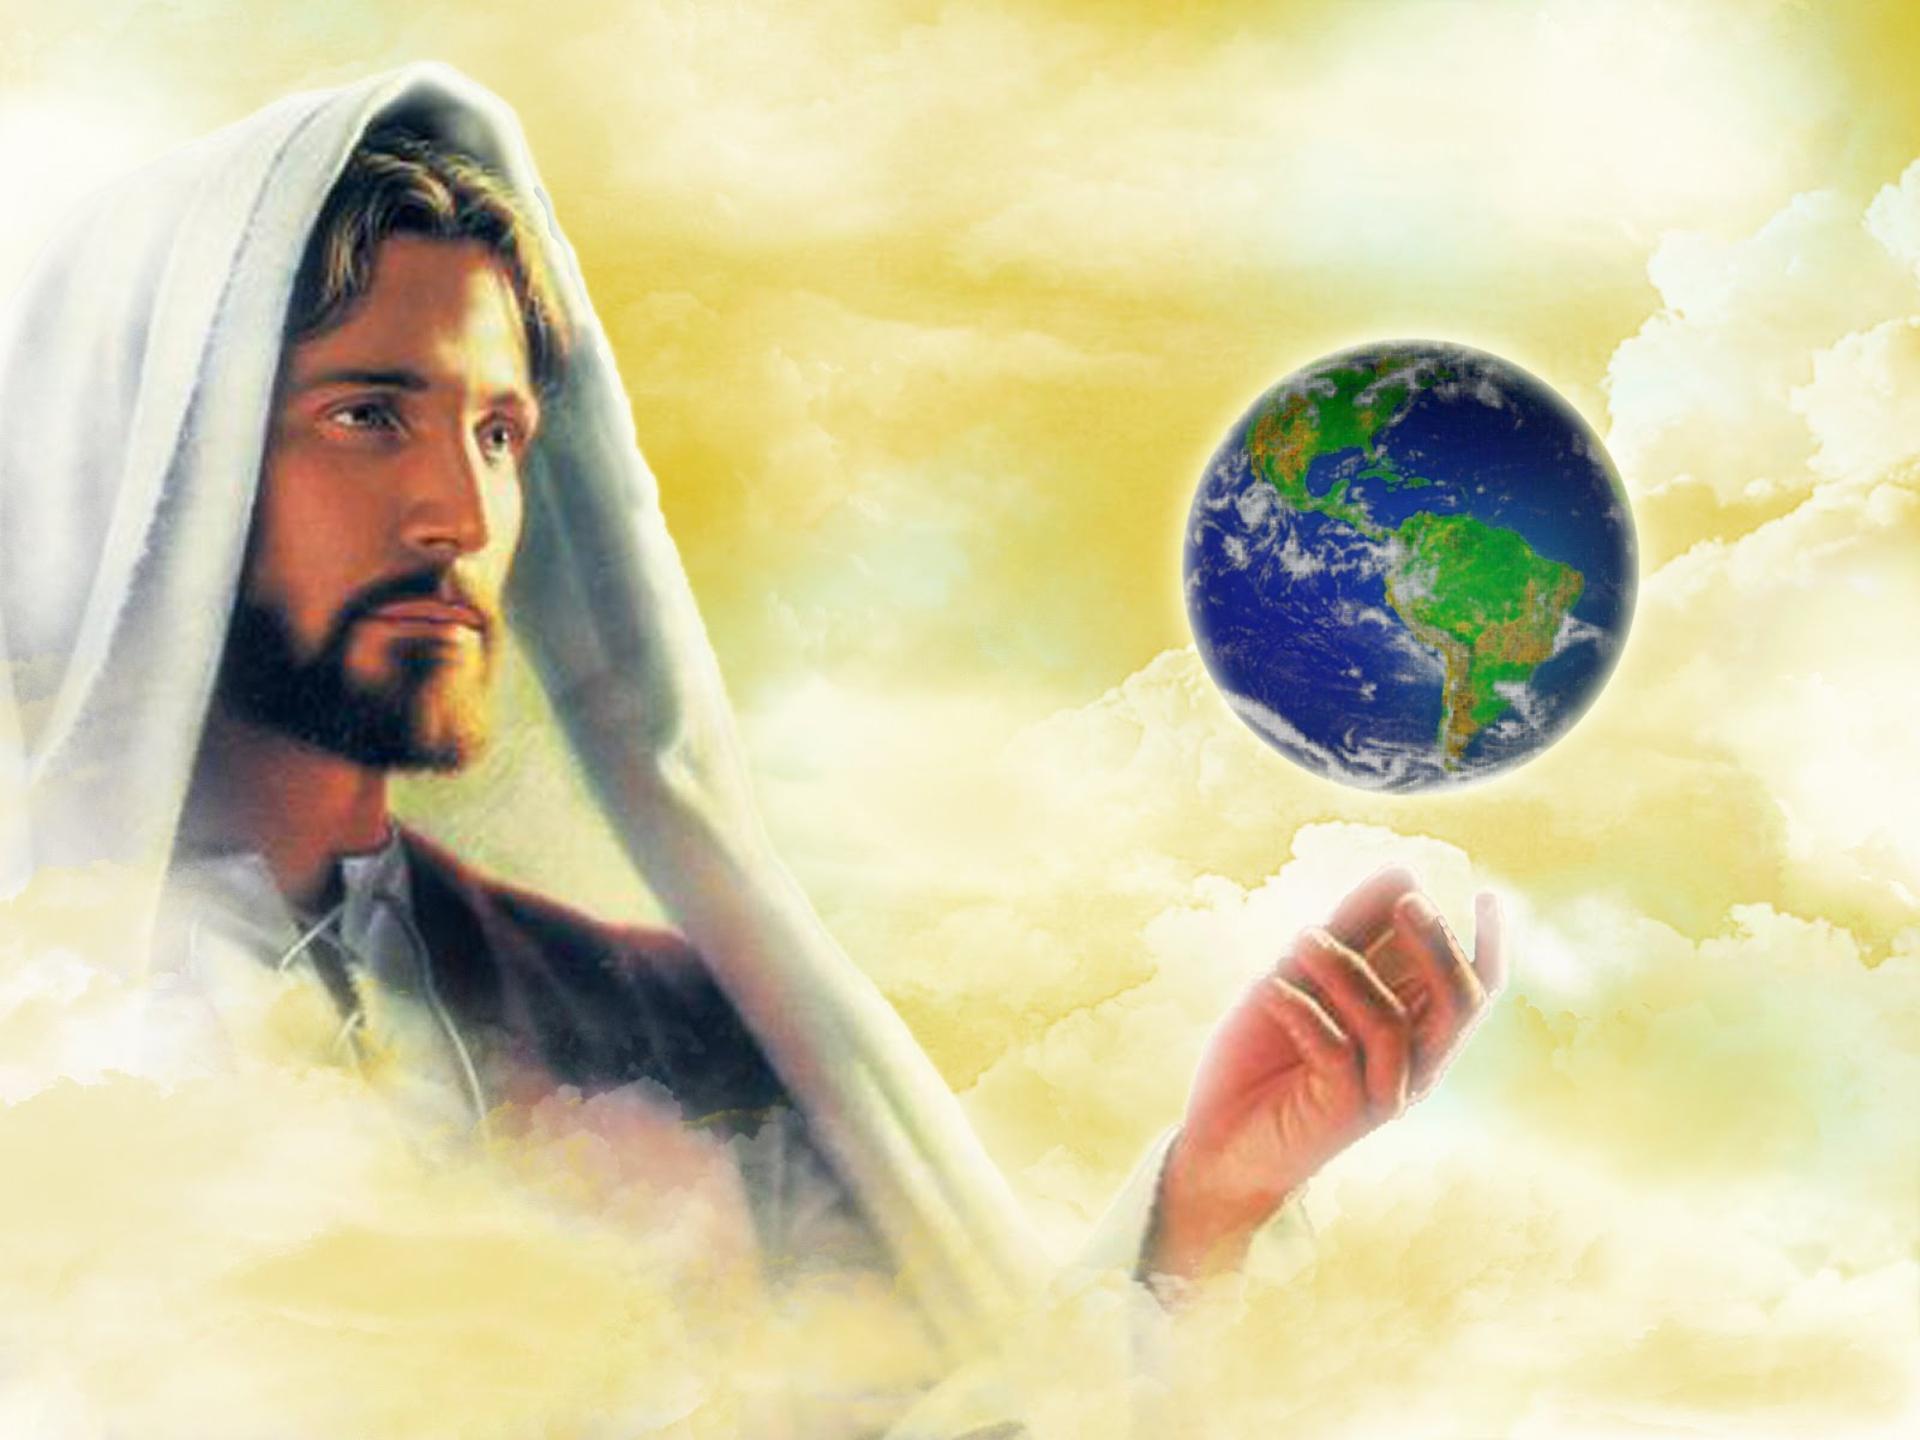 Христианские картинки смотреть, днем